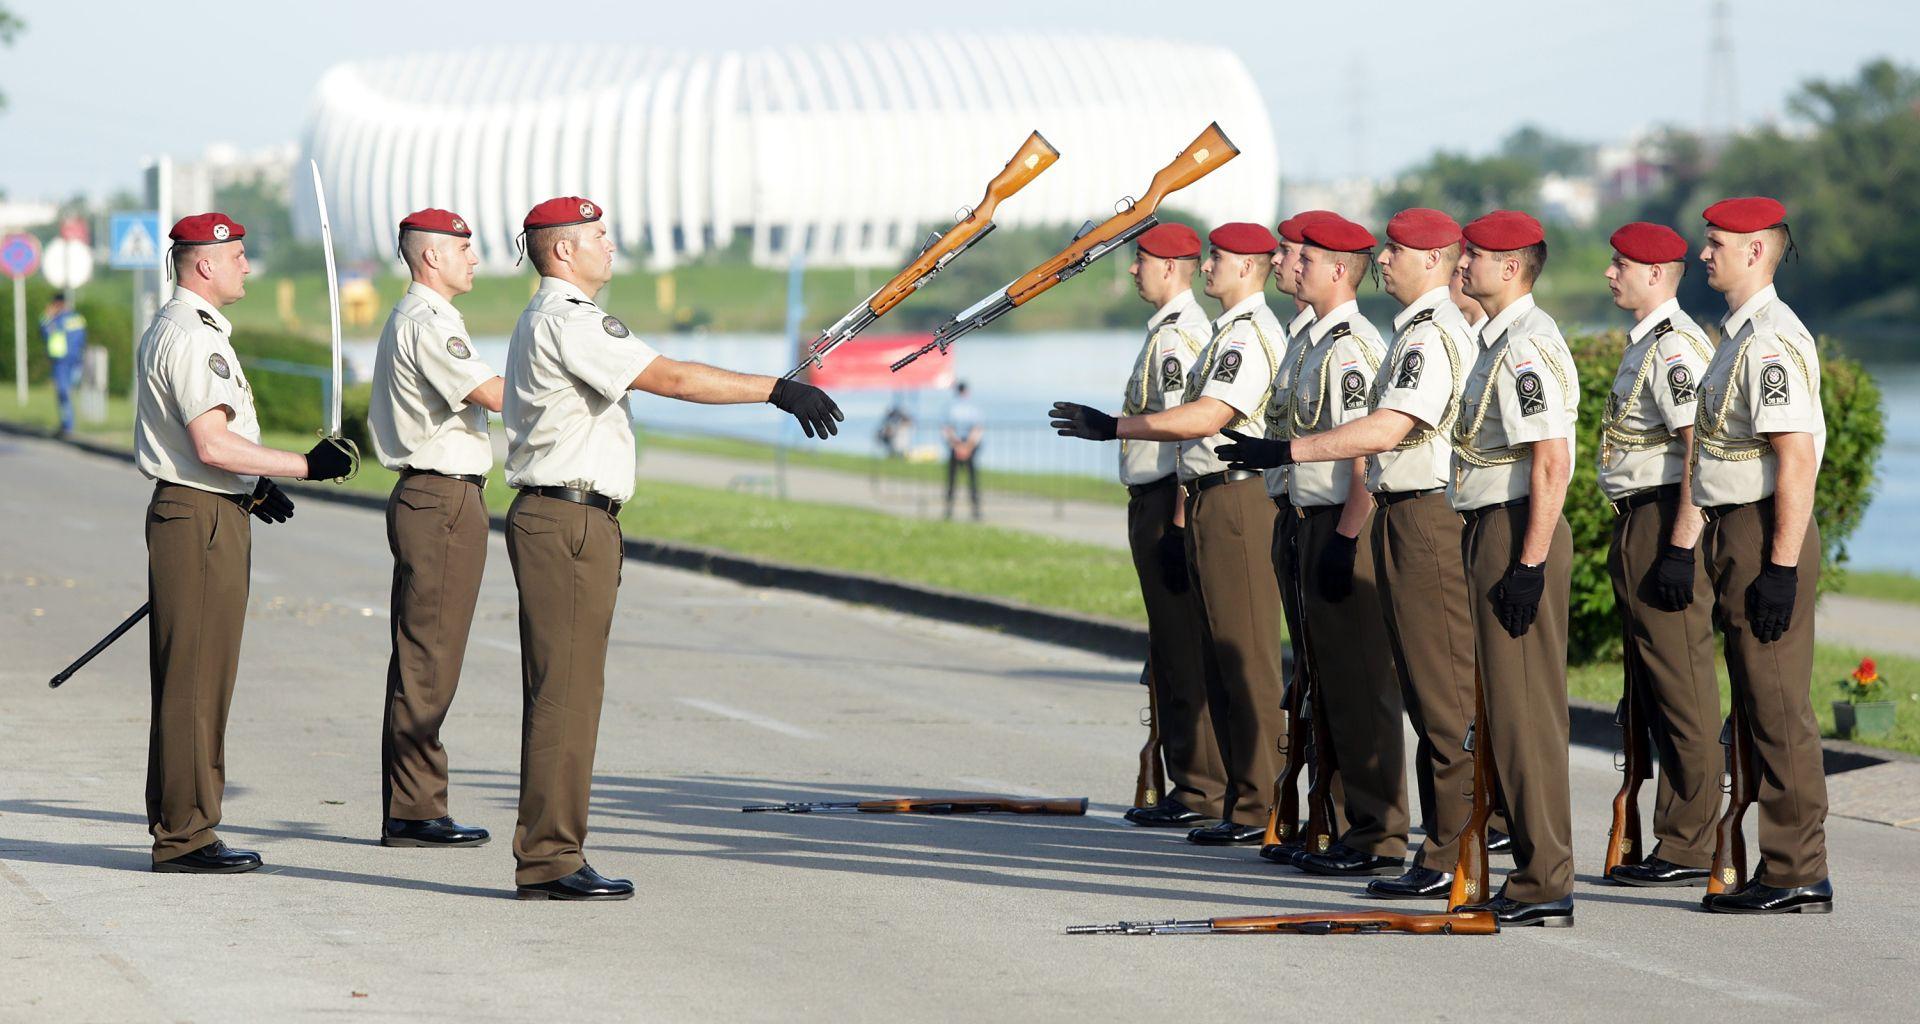 RASPISAN NATJEČAJ: MORH zapošljava 550 osoba u djelatnu vojnu službu